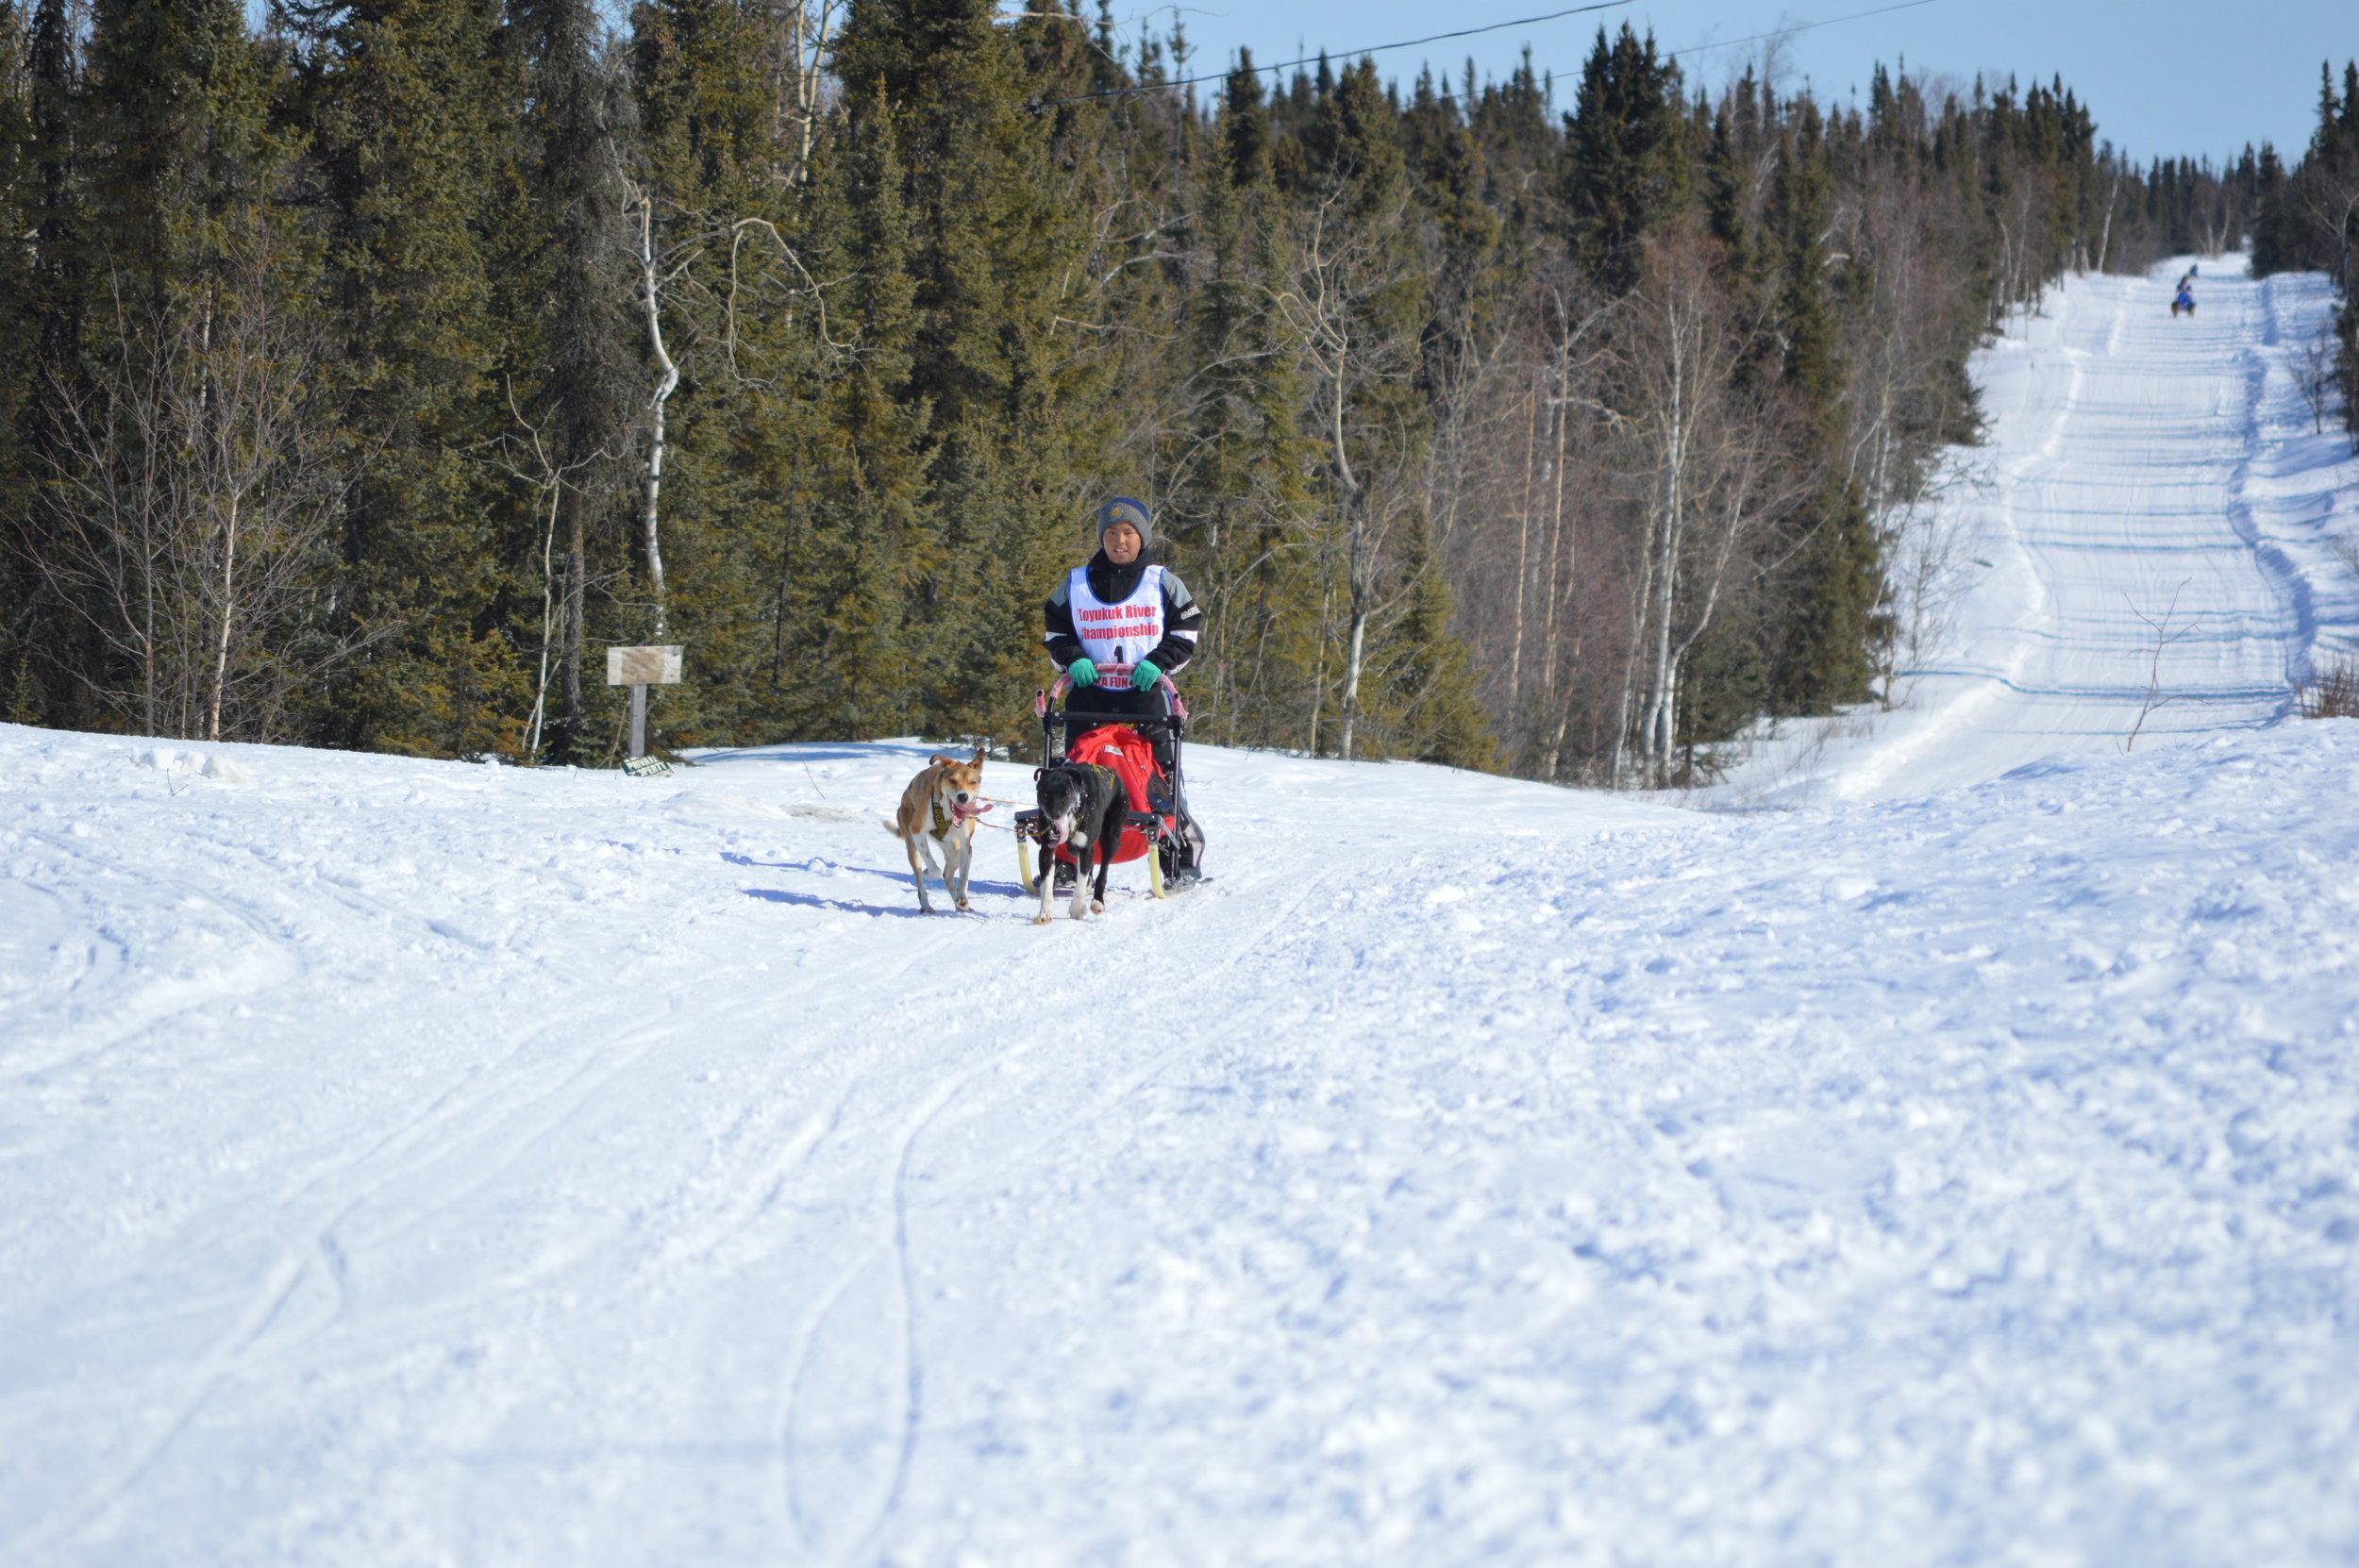 Huslia Jr. Carnvial - Junior musher closing in on Finish Line.